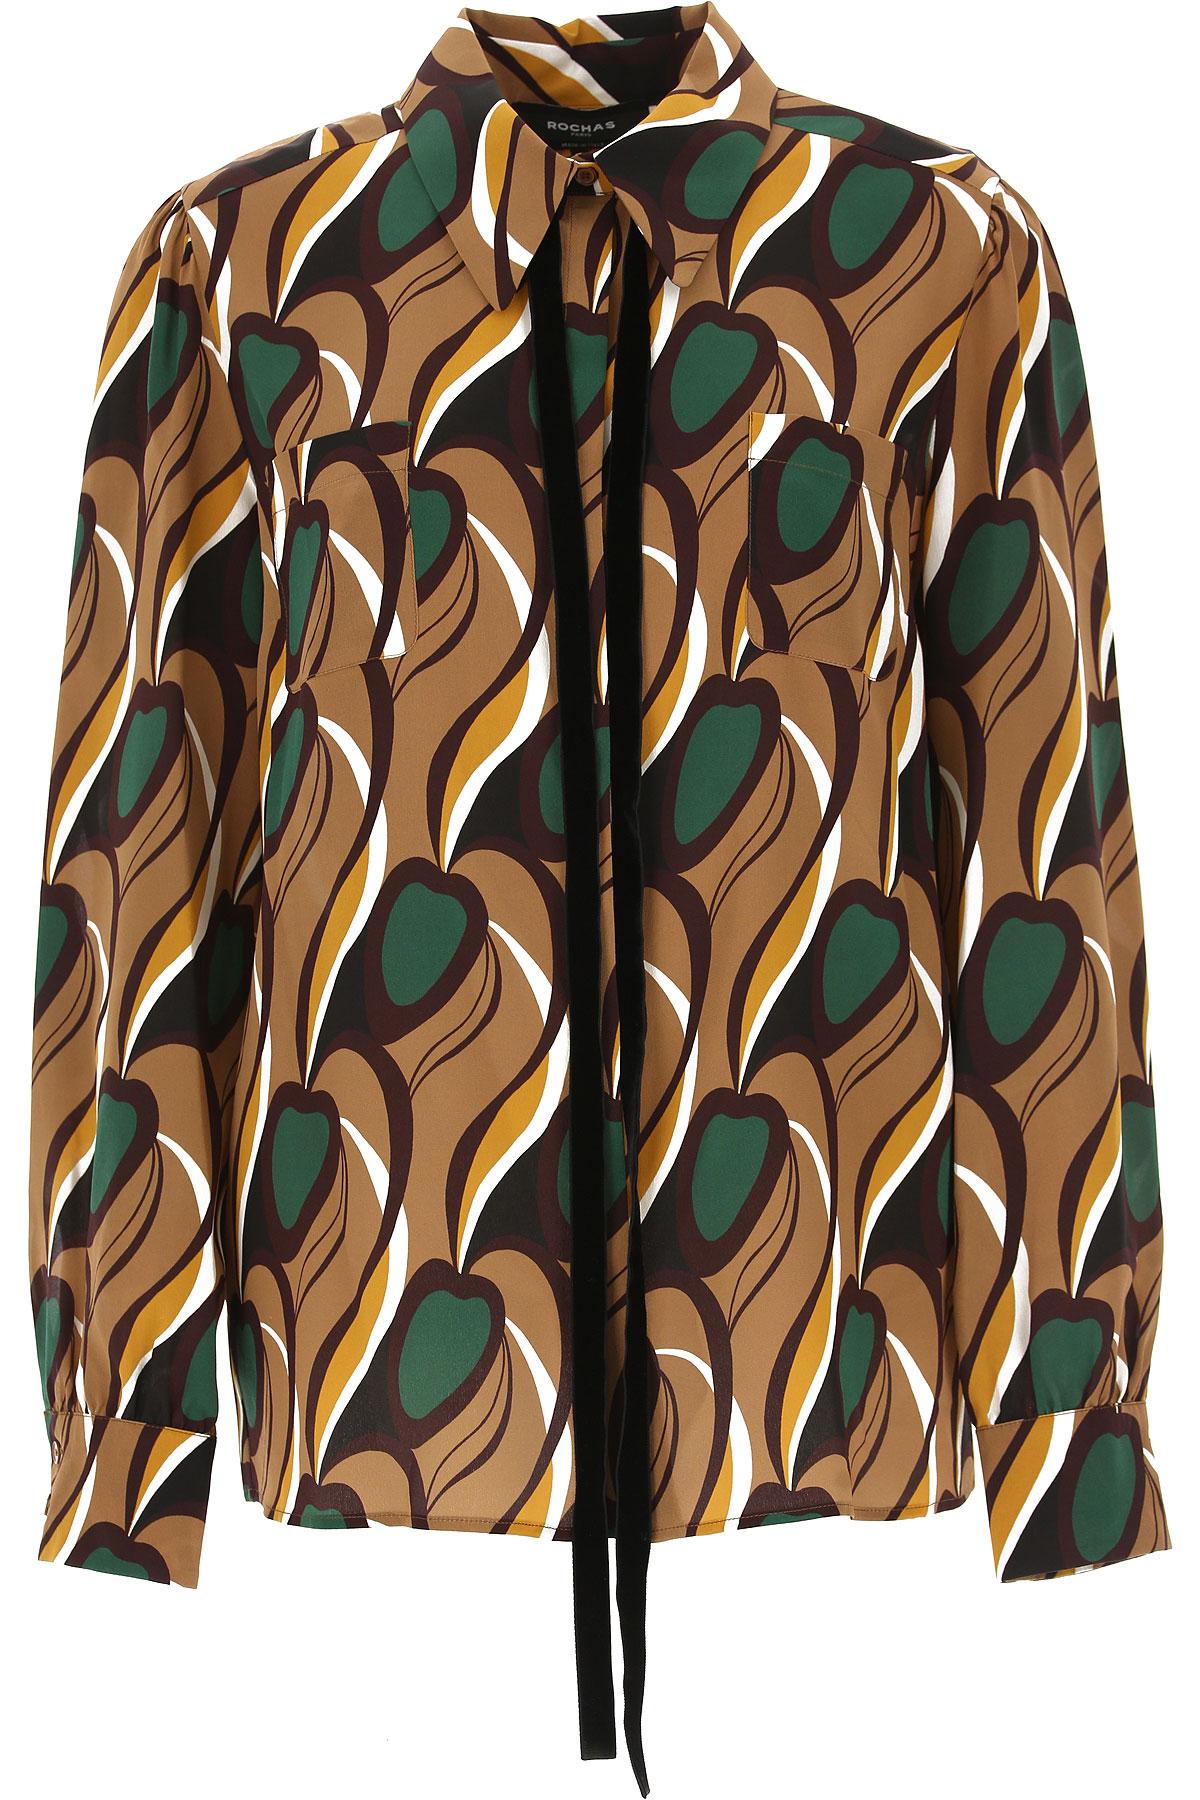 Image of Rochas Shirt for Women, nut, Silk, 2017, USA 10 -- IT 44 UK 10 - US 8 - EU 42